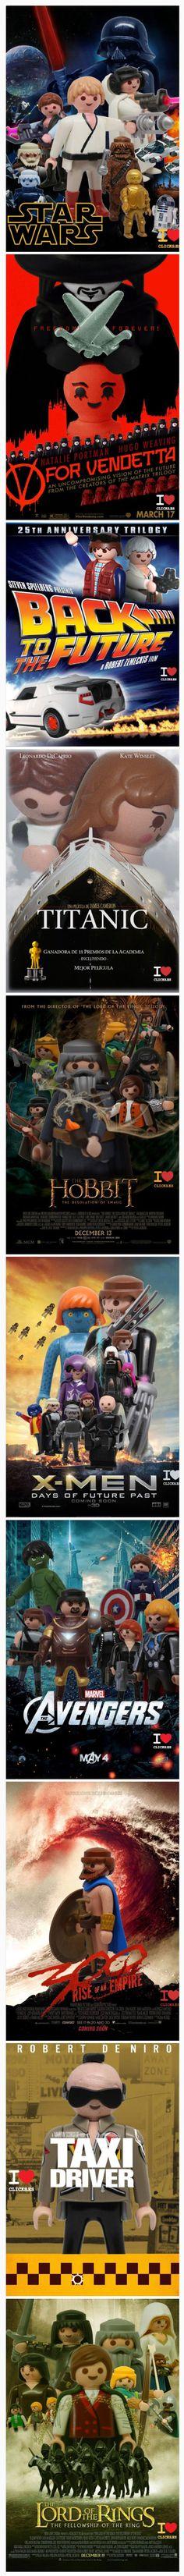 Carteles de películas con playmobil. #humor #risa #graciosas #chistosas #divertidas